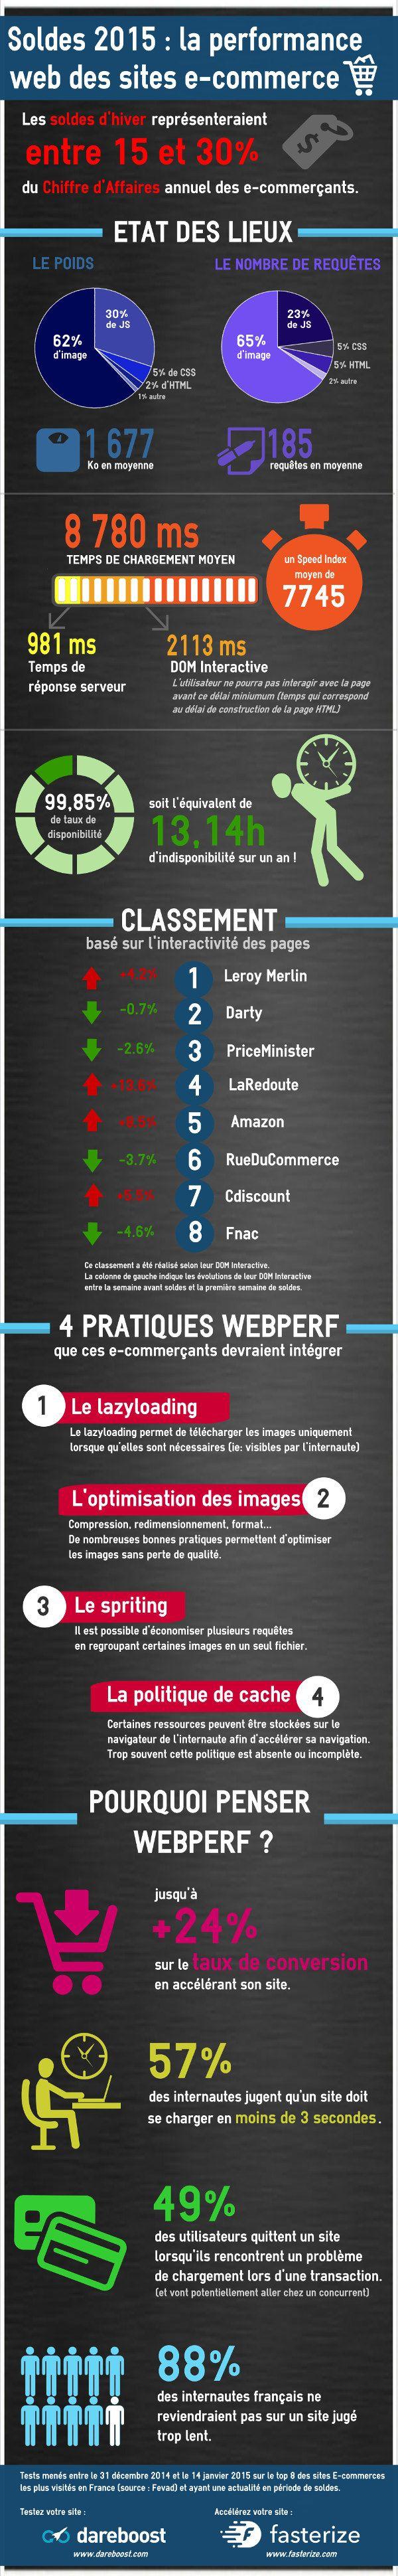 Infographie sur la performance web (ecommerce, soldes 2015) Pourquoi penser webperf est important